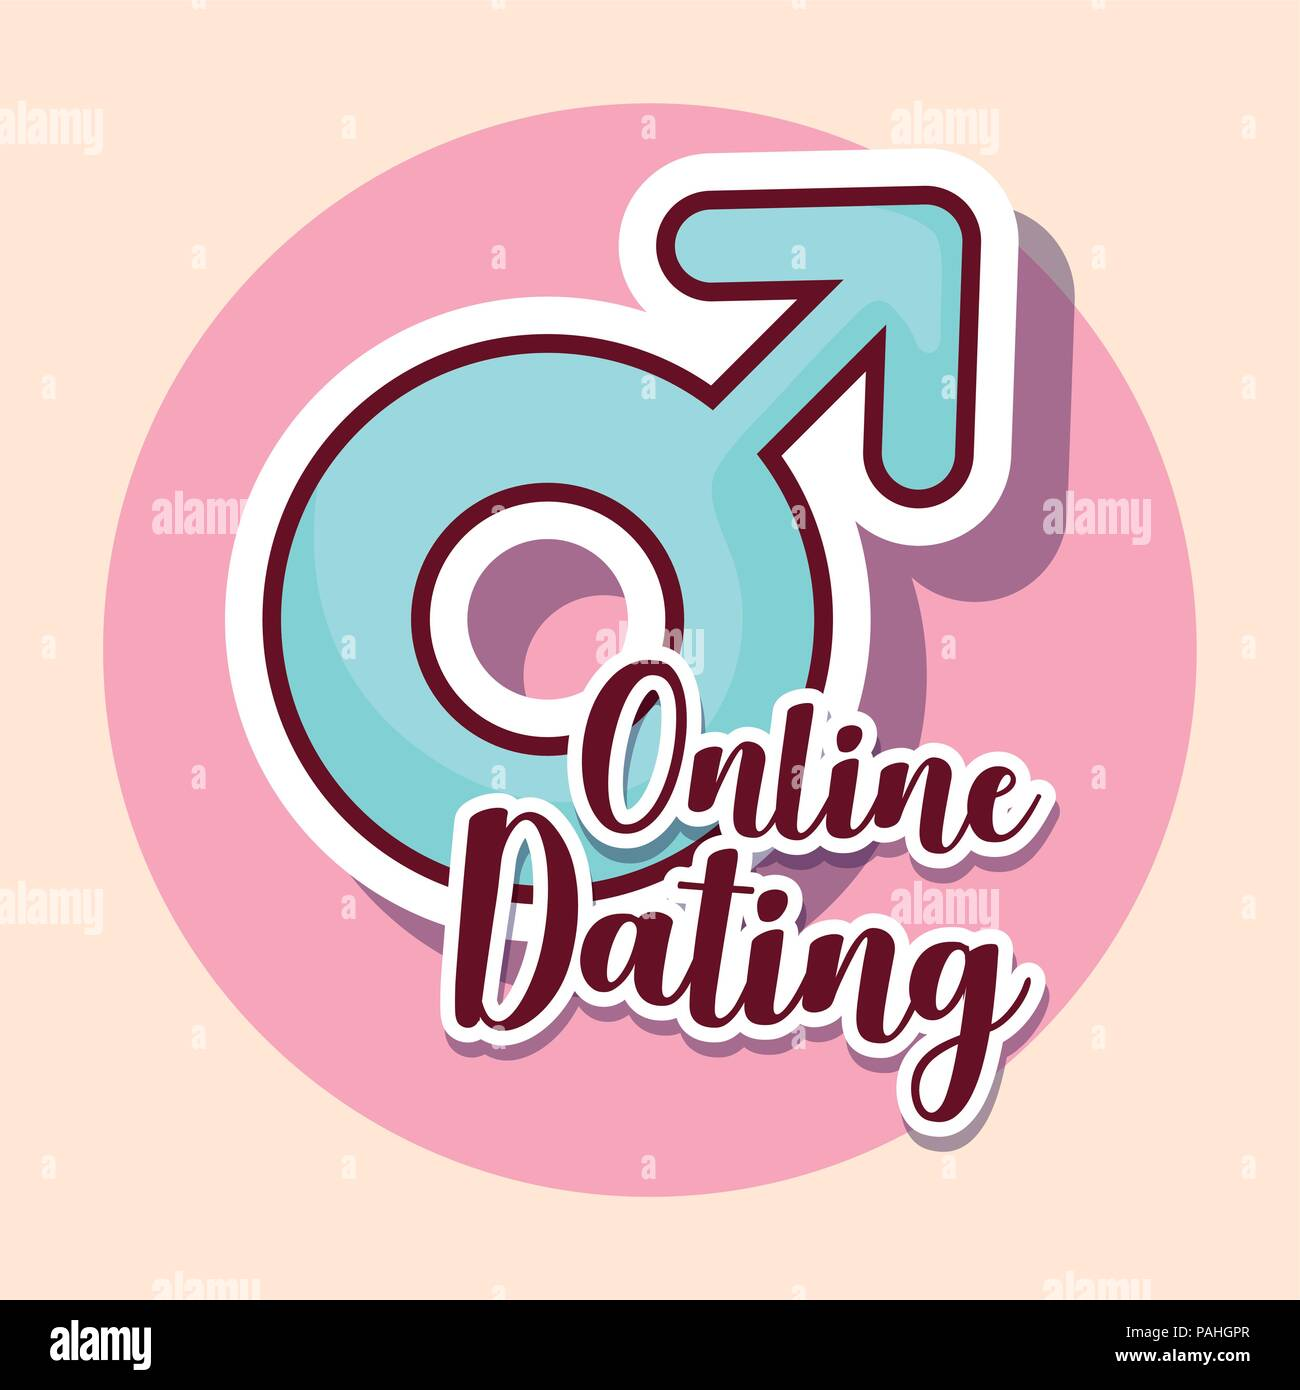 Online dating diseño con símbolo masculino sobre rosa círculo y fondo blanco, ilustración vectorial diseño colorista. Imagen De Stock